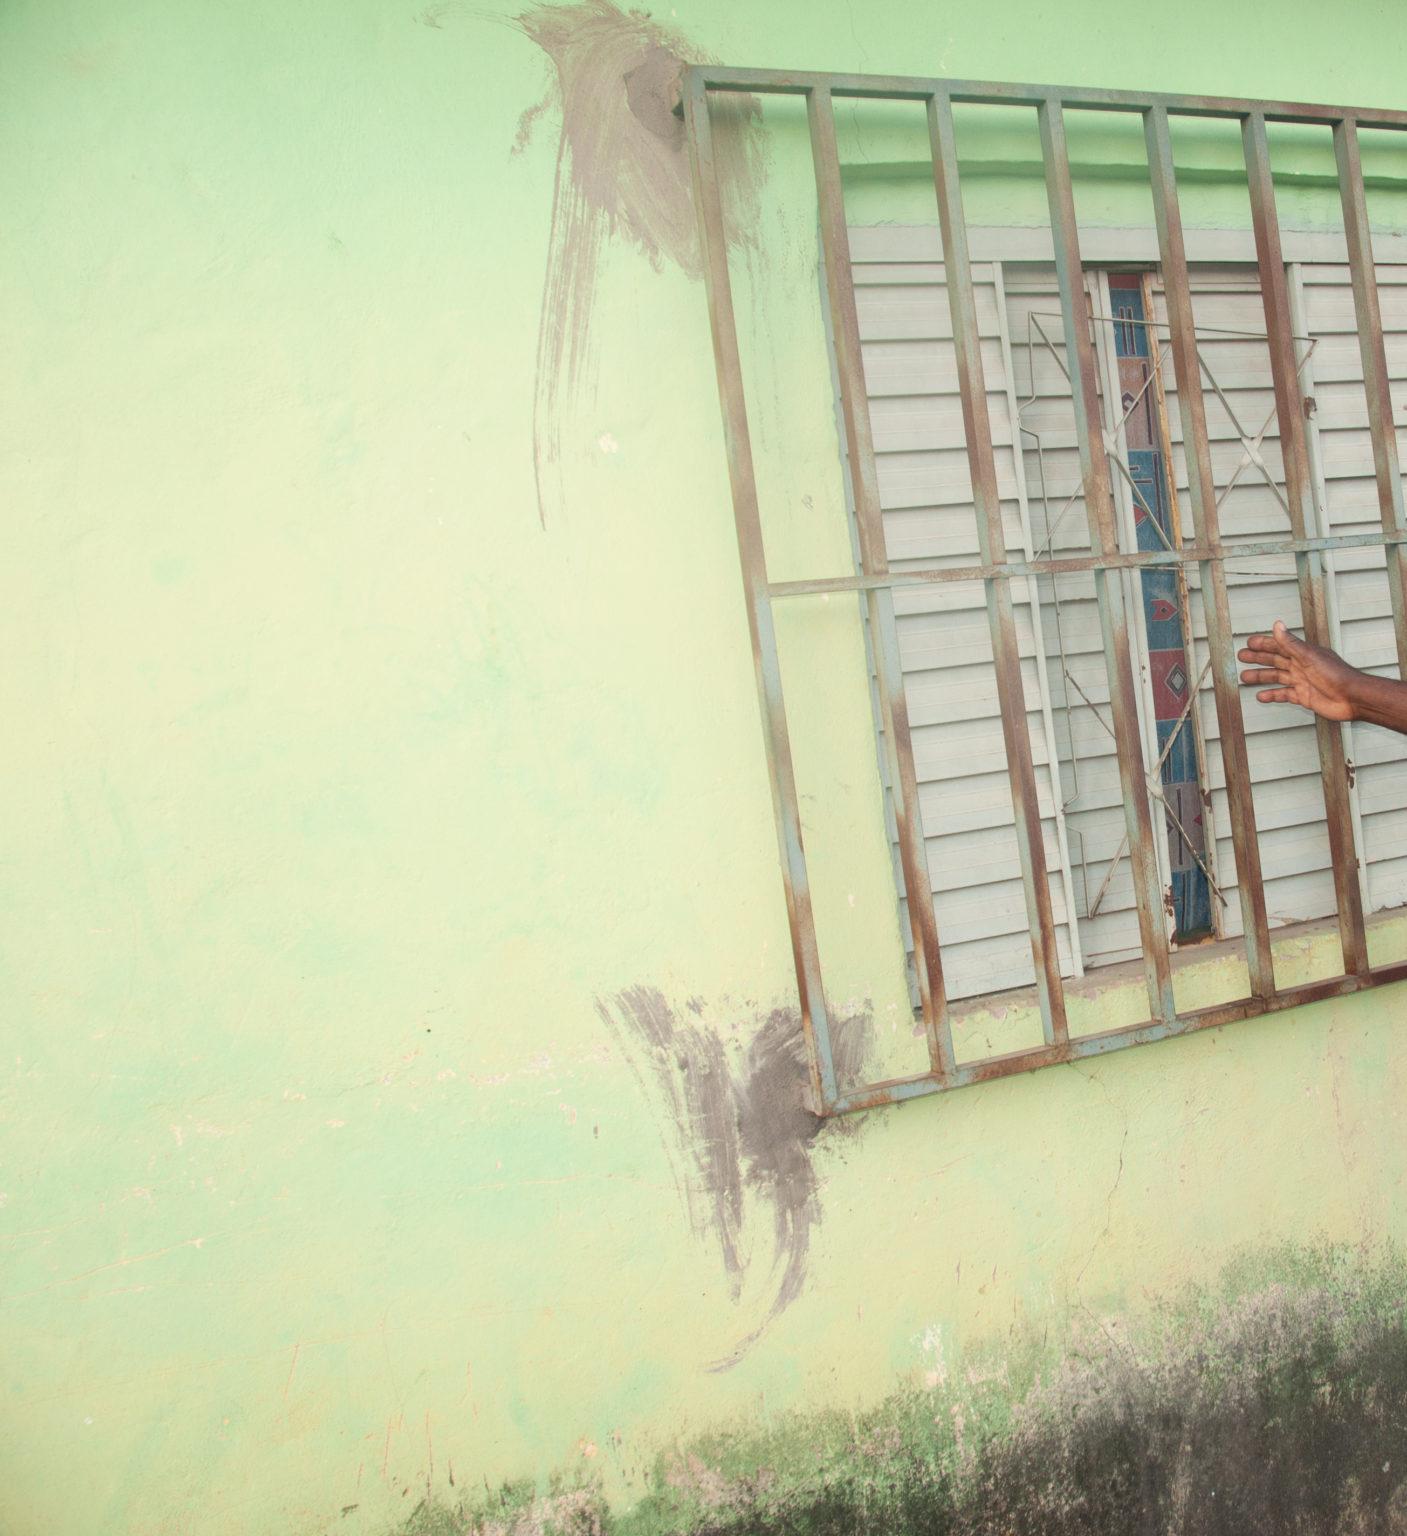 Avô fixou grade de ferro na parede da casa após flagrar Dinamá abusando da neta (Vera Godoi/Agência Pública)